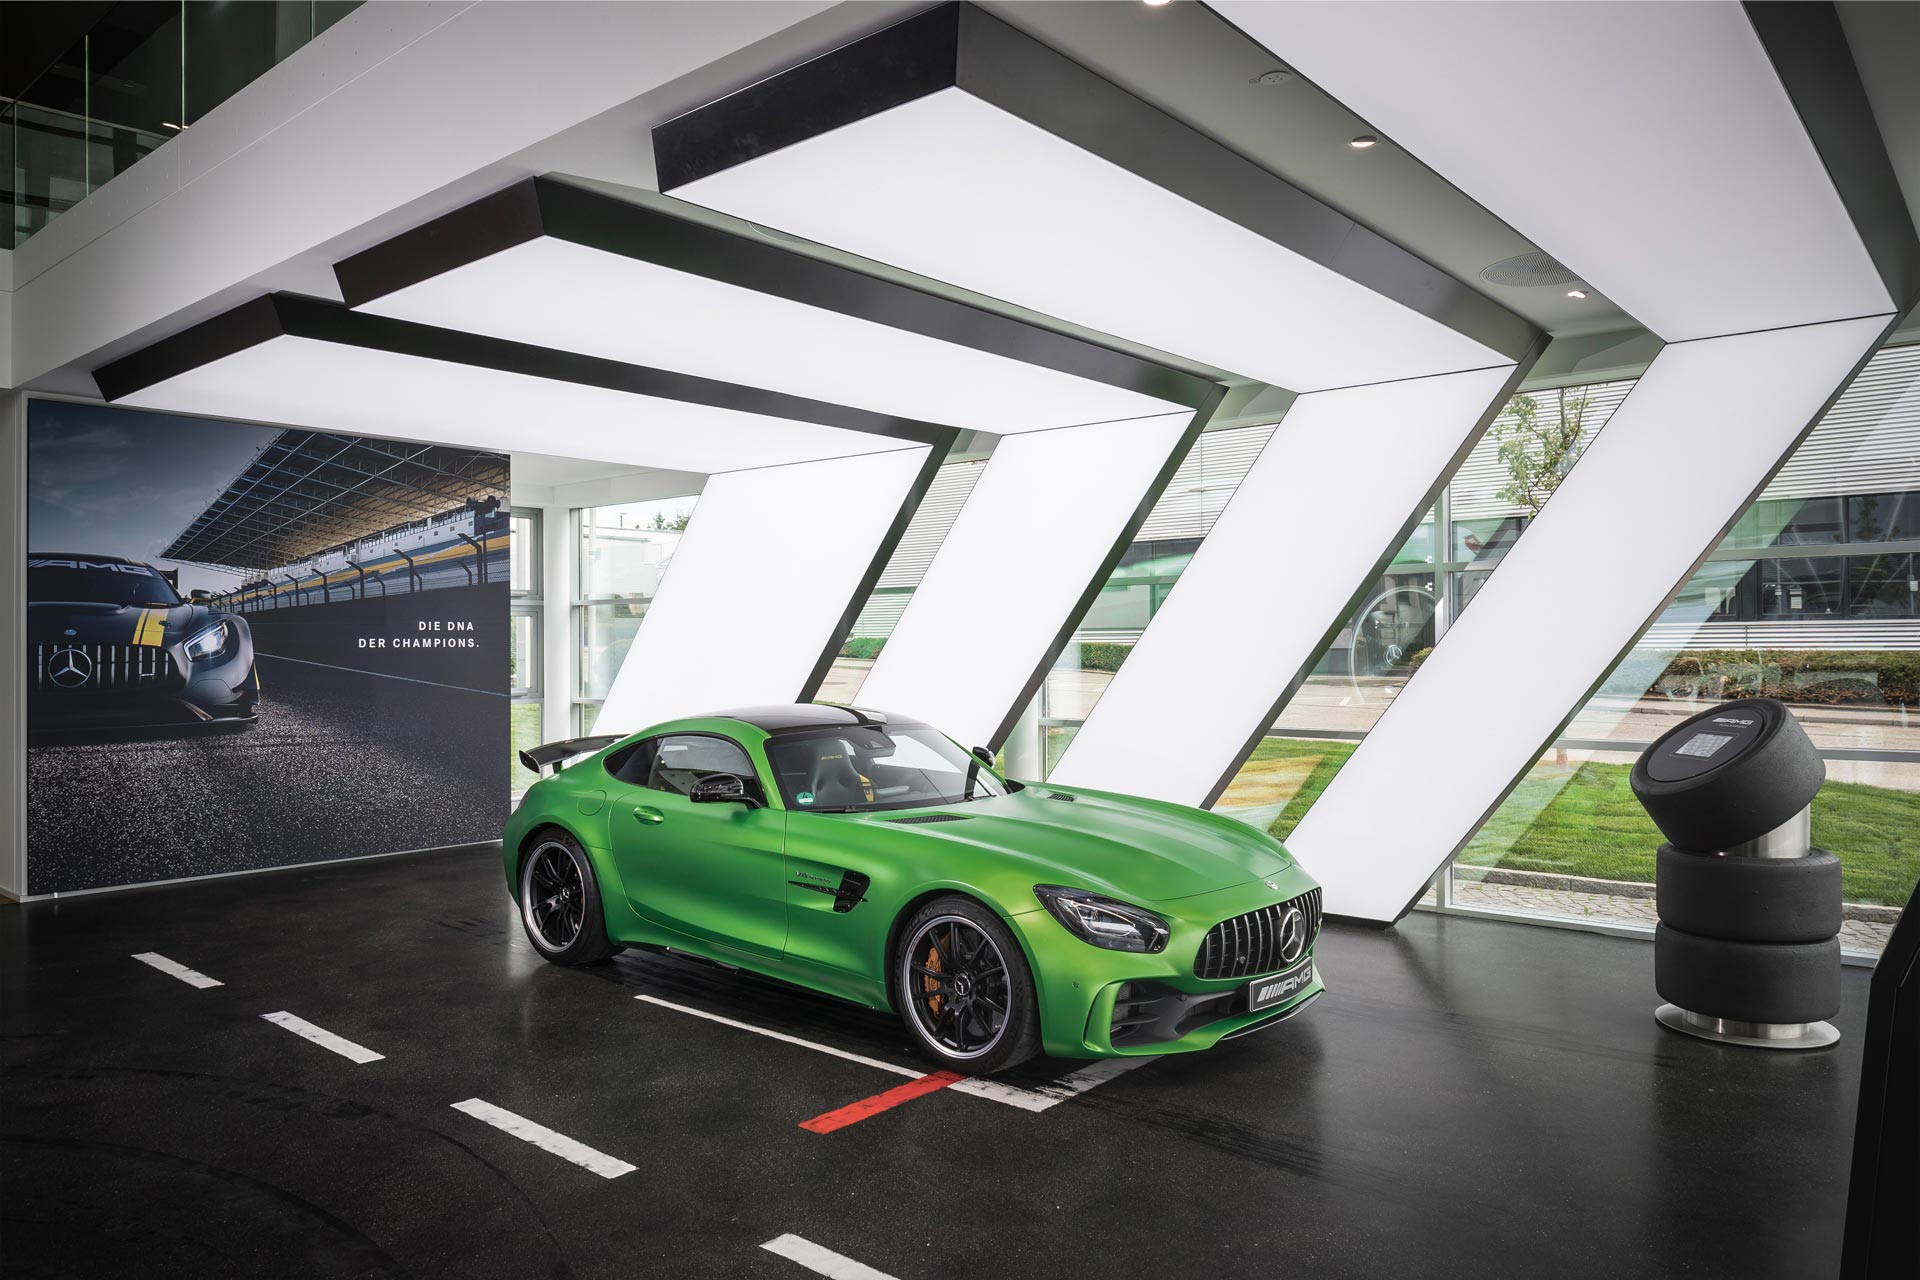 Mercedes-AMG-Showroom-Affalterbach-3